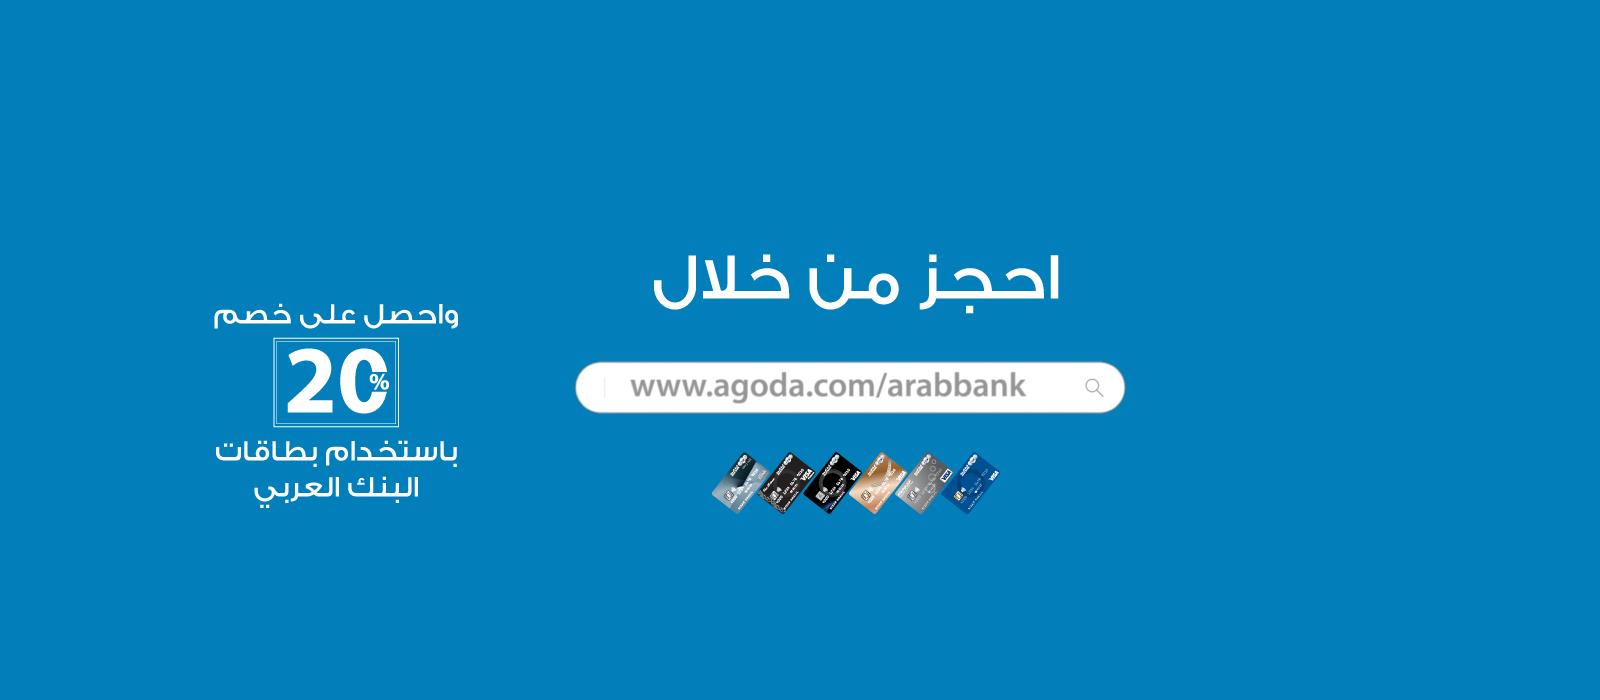 Agoda.com--Website-banners-AR